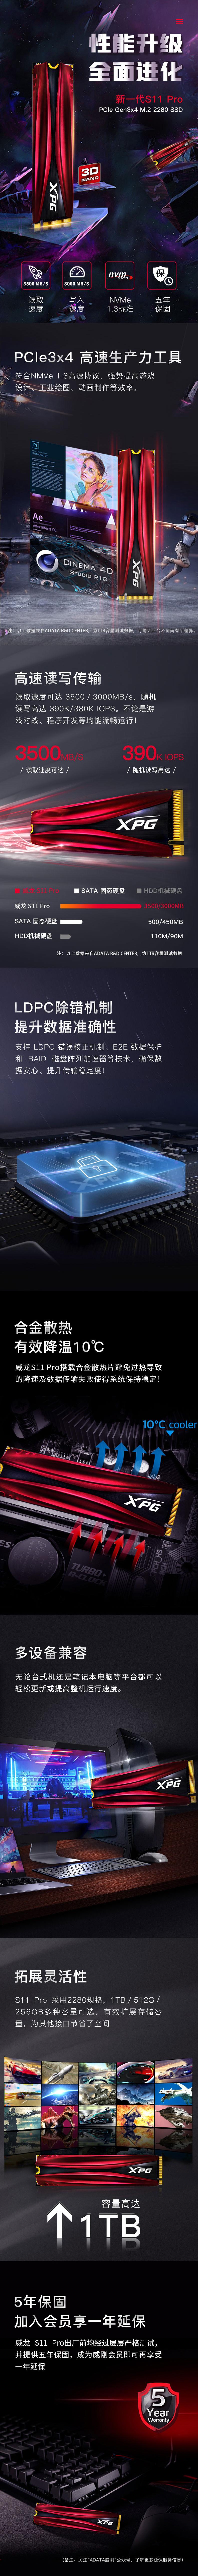 【威刚S11Pro-256GB-M